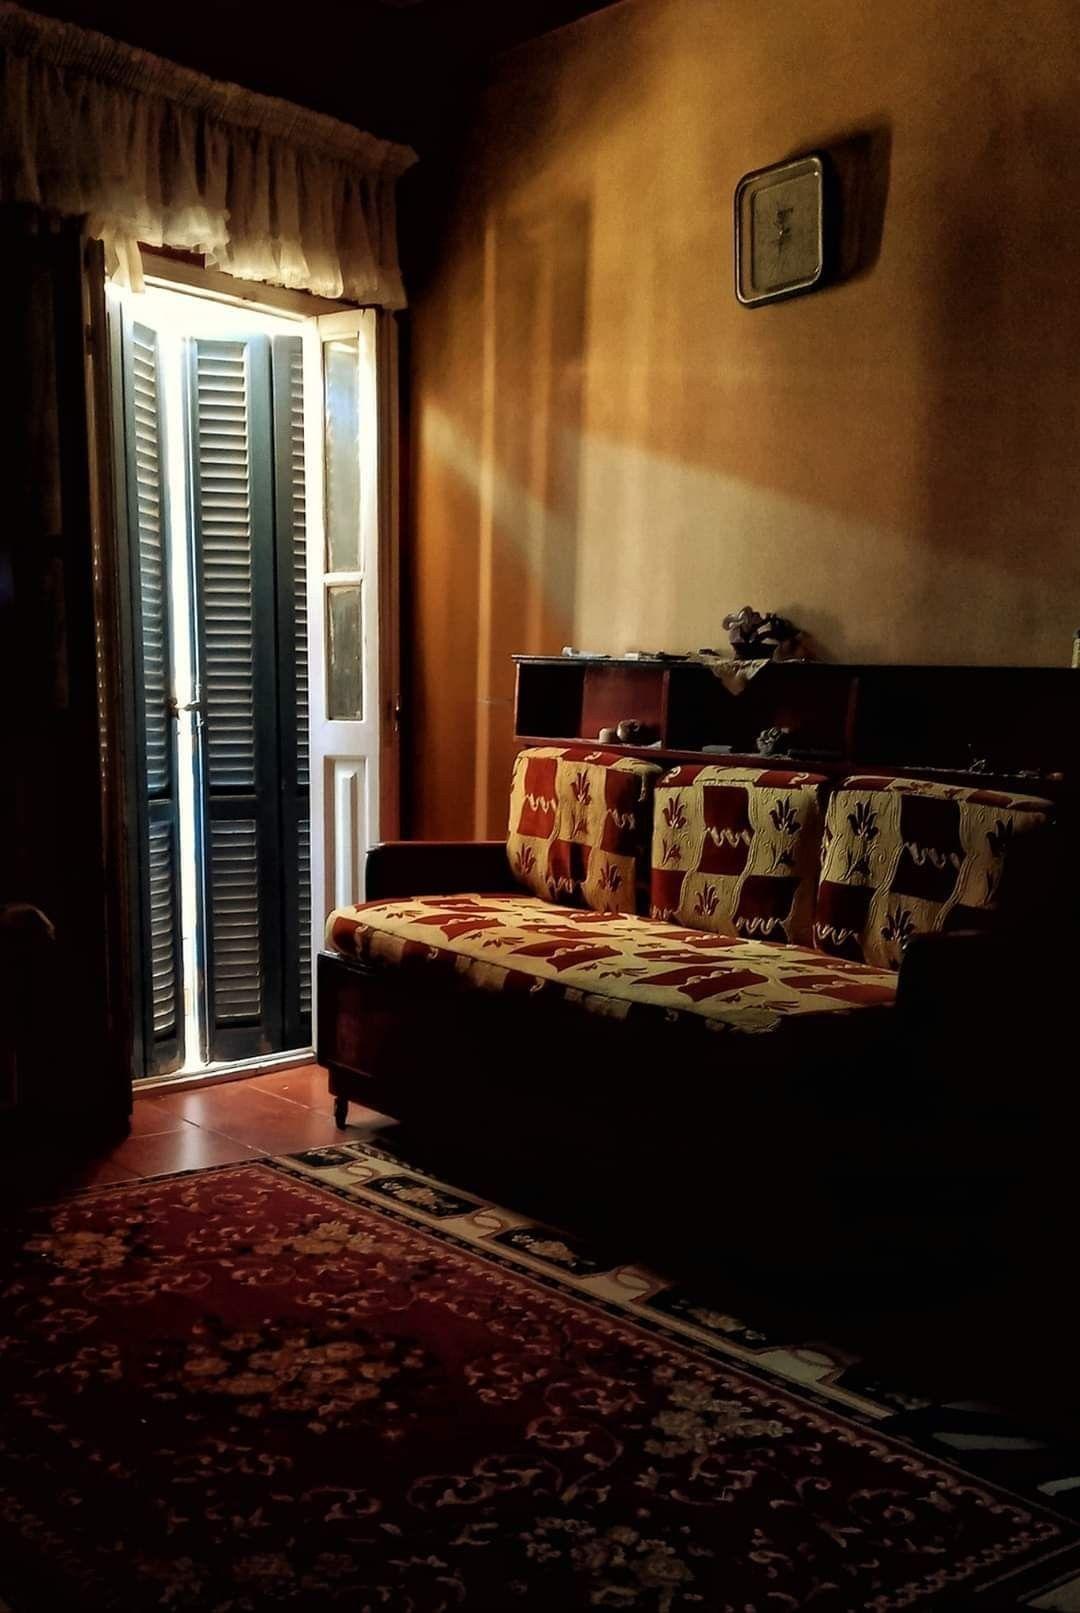 Pin By Osama Aamer On Lighting Setup Home House Lighting Setups